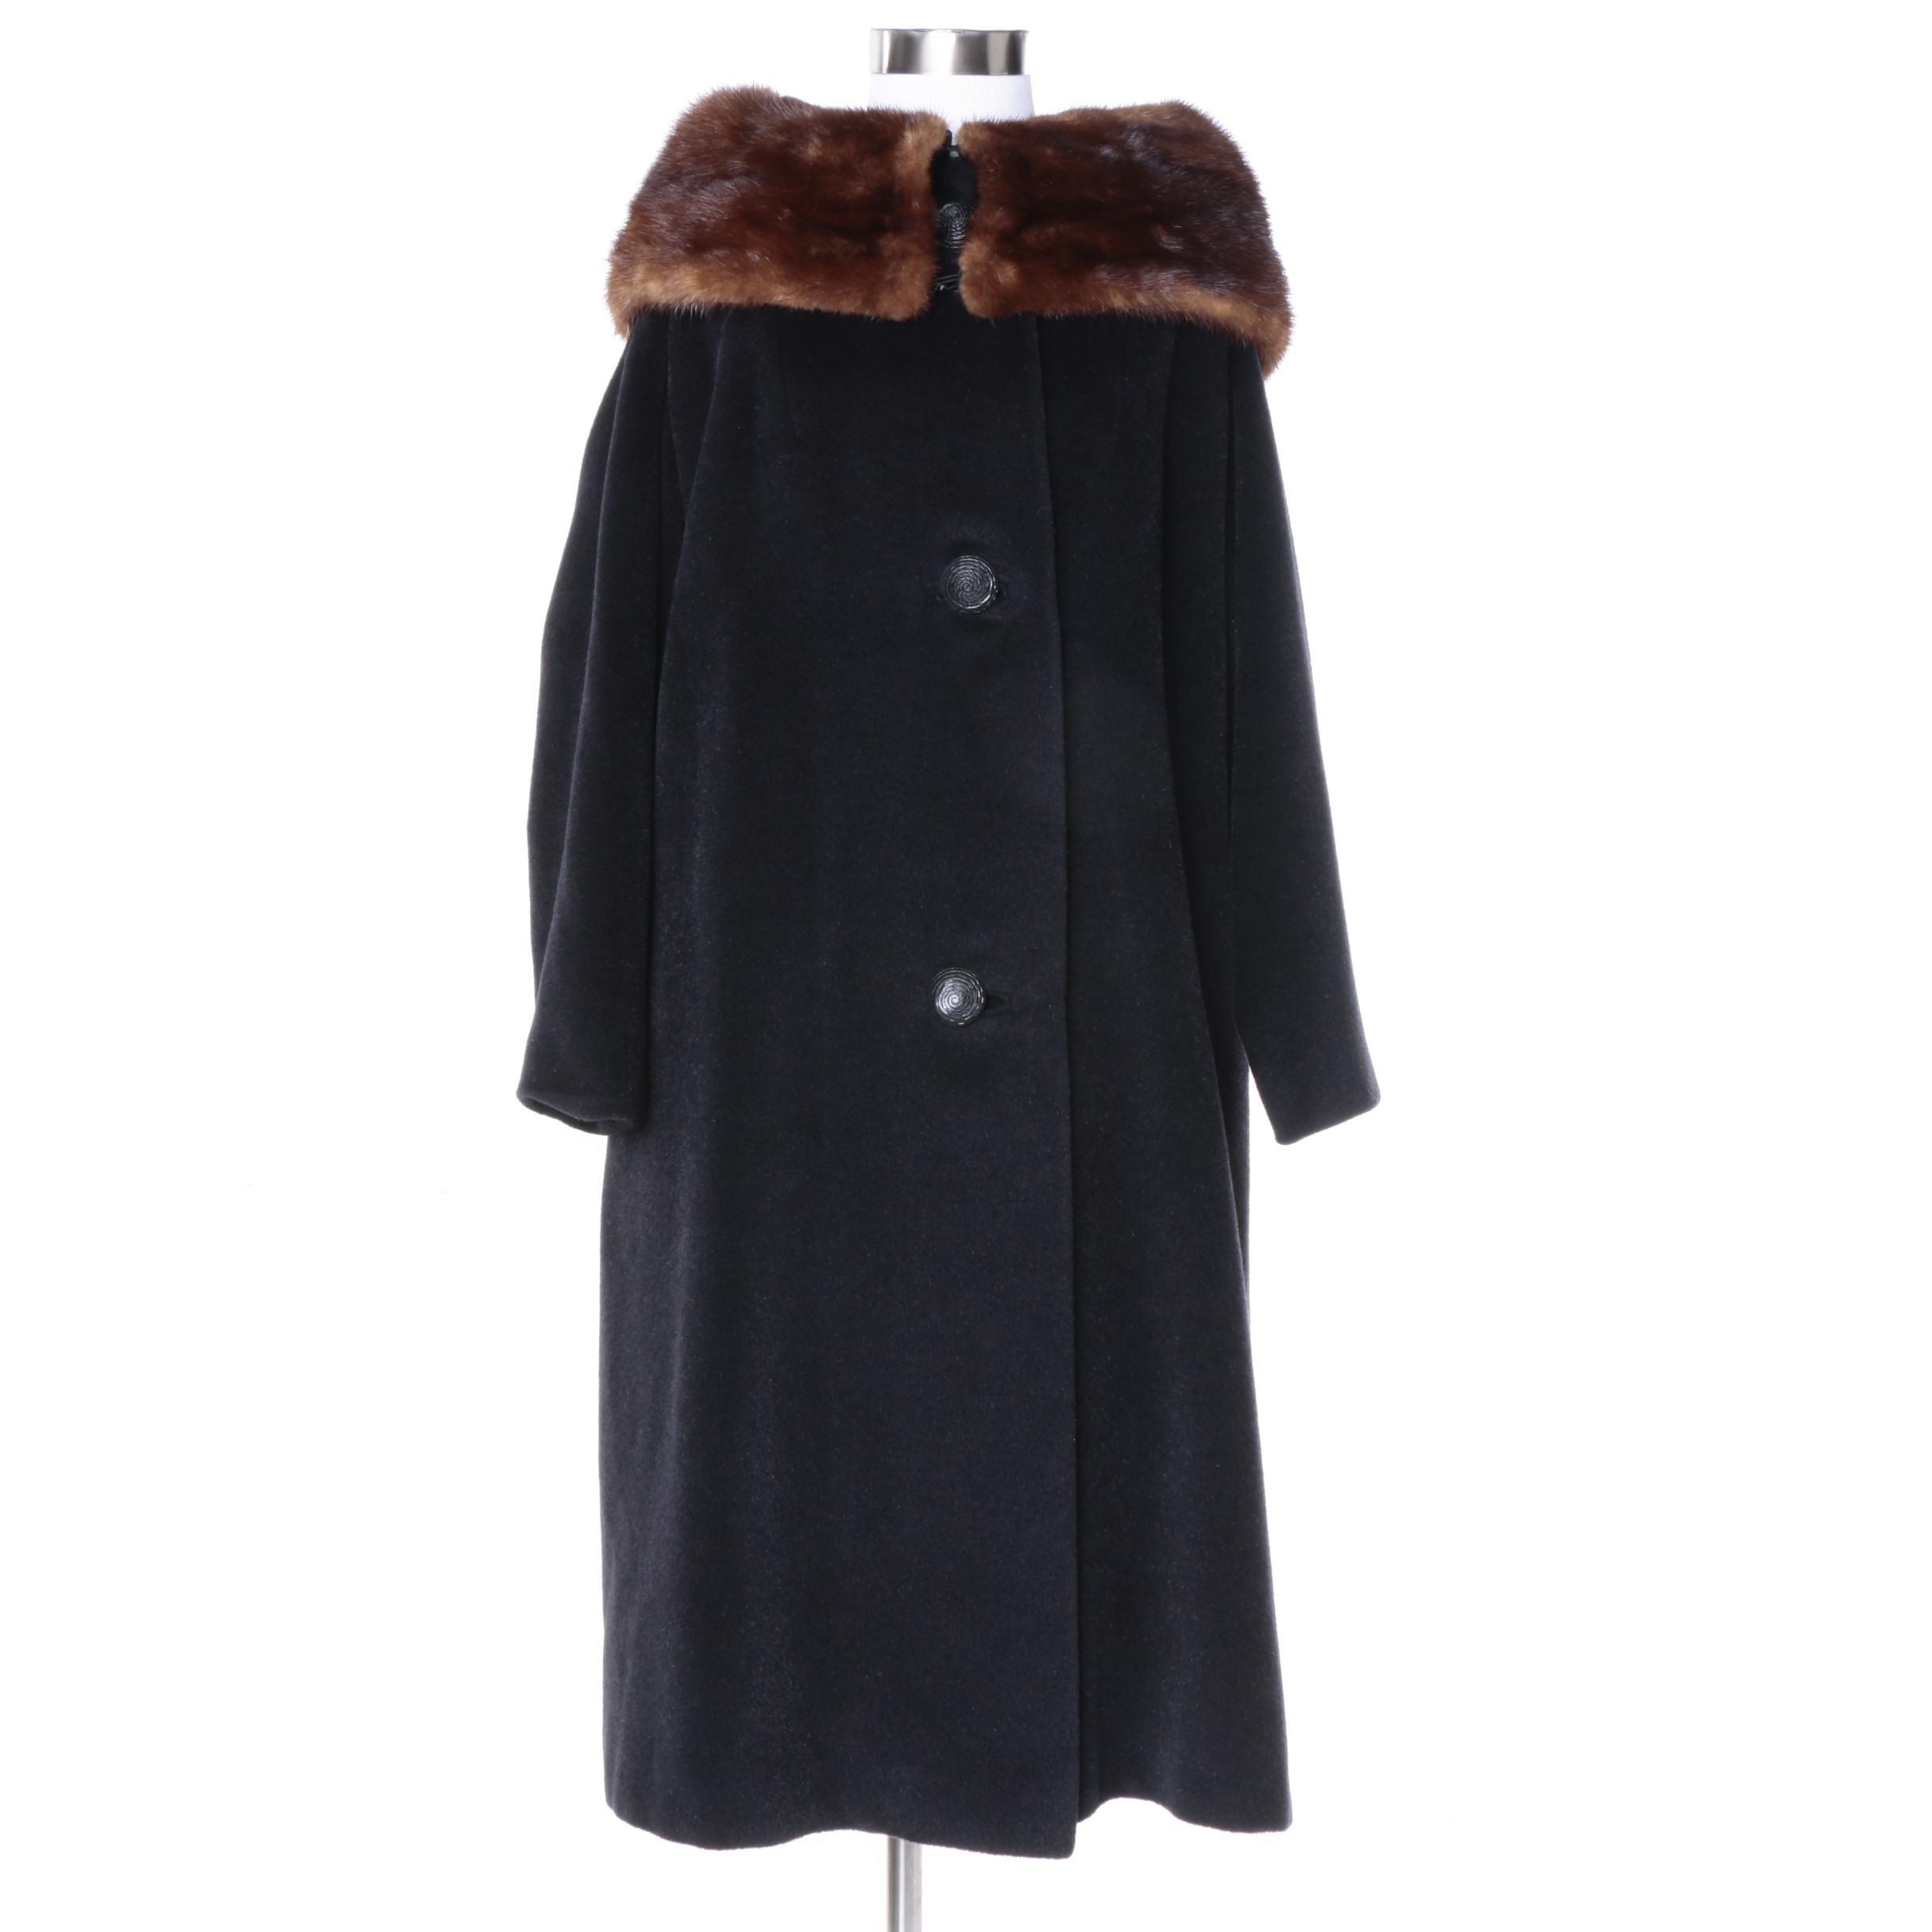 1950s Vintage Black Wool Coat with Brown Mink Fur Collar